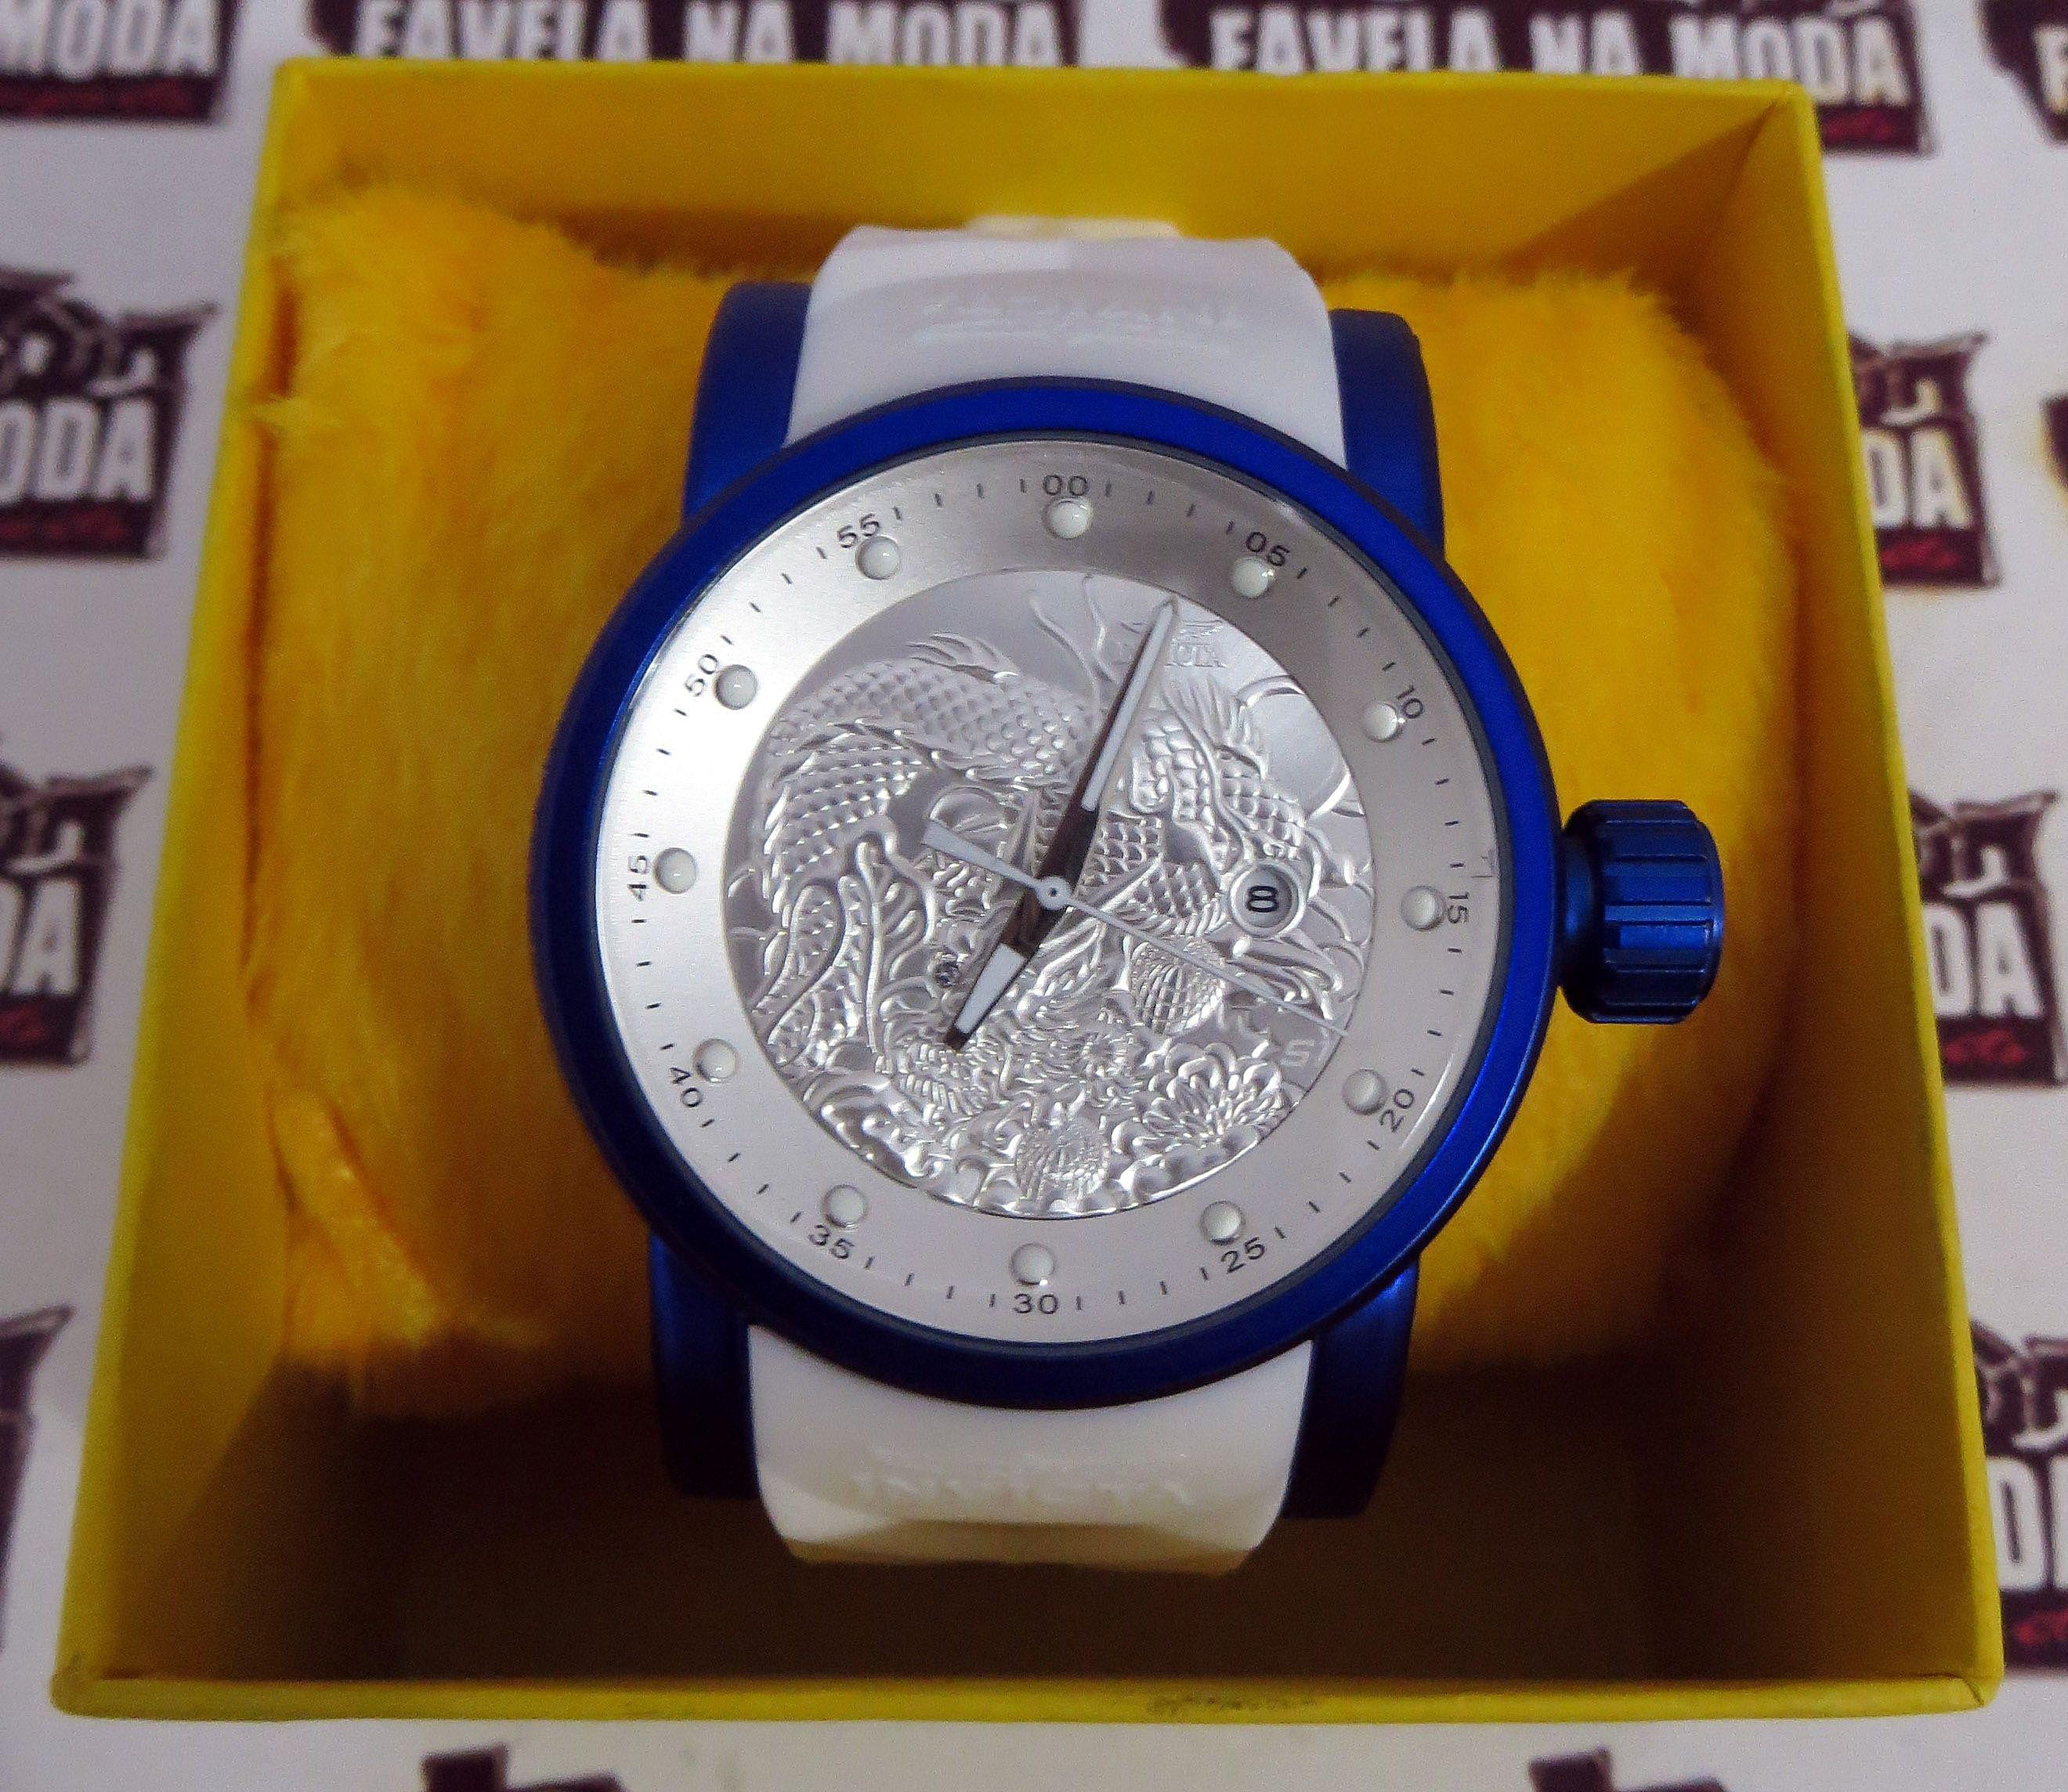 a50456fb239 Relógio Invicta Yakuza Dragon S1 - Branco   Azul